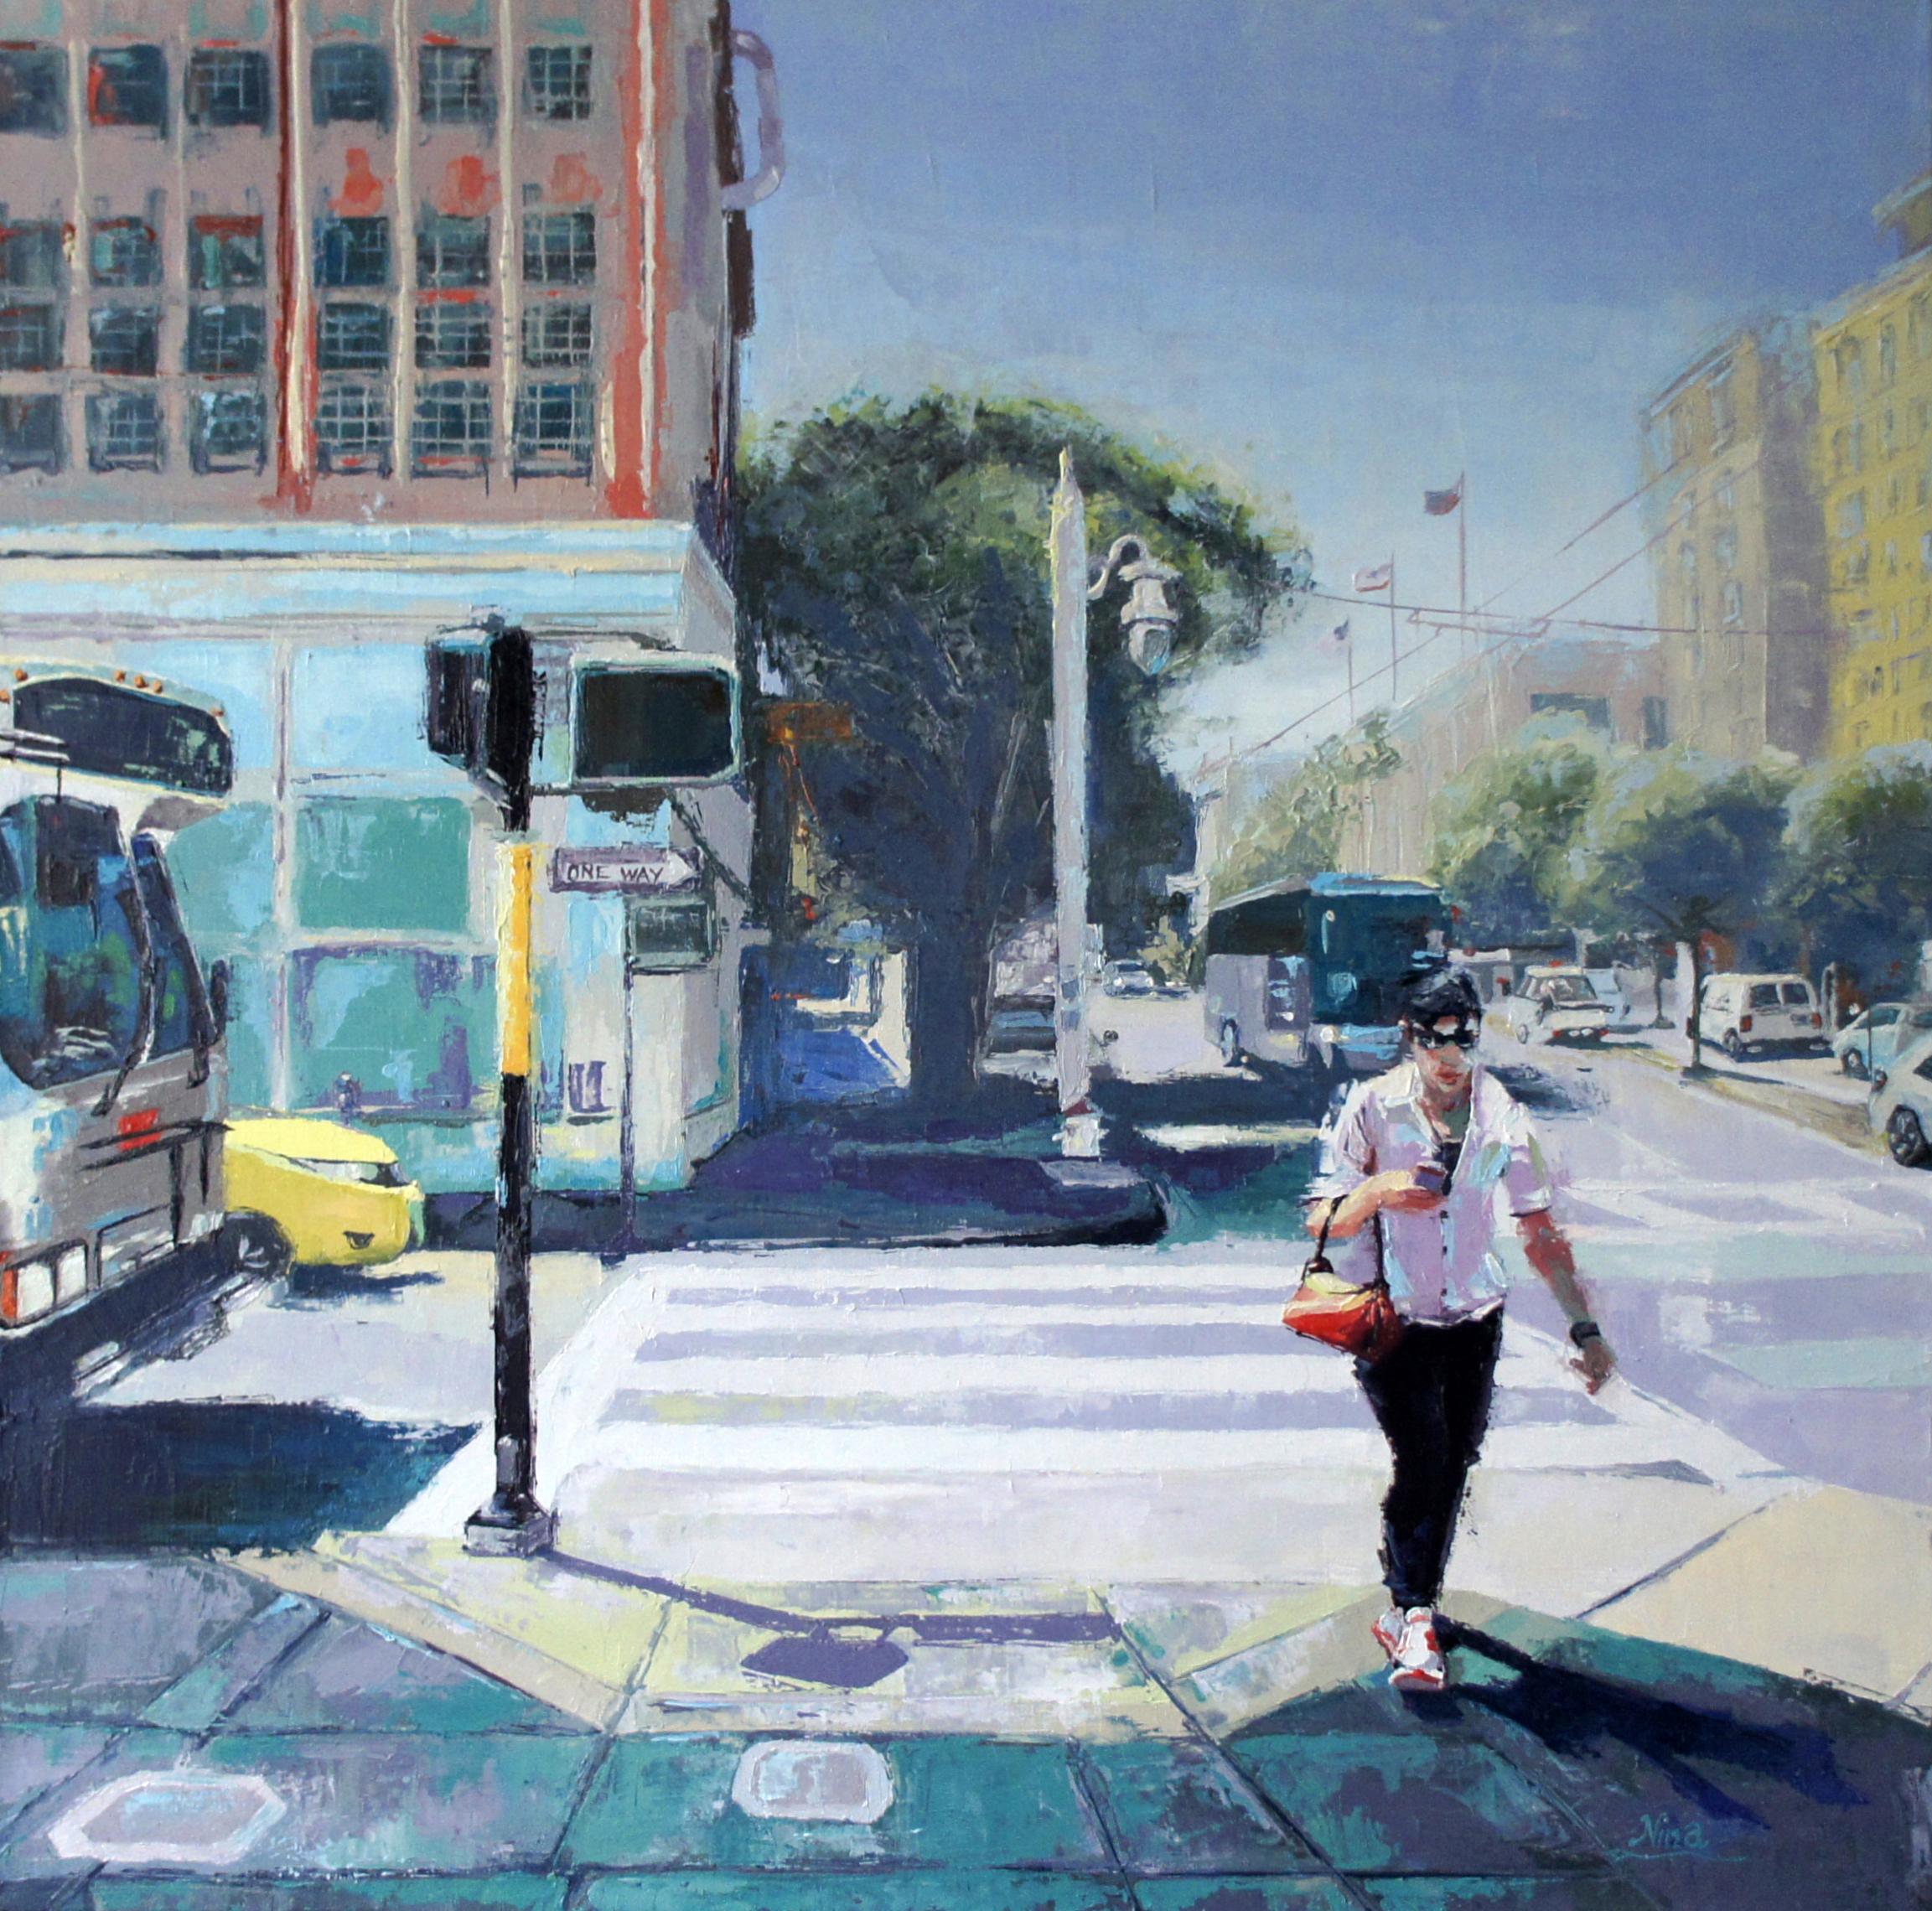 Lady on the Sidewalk